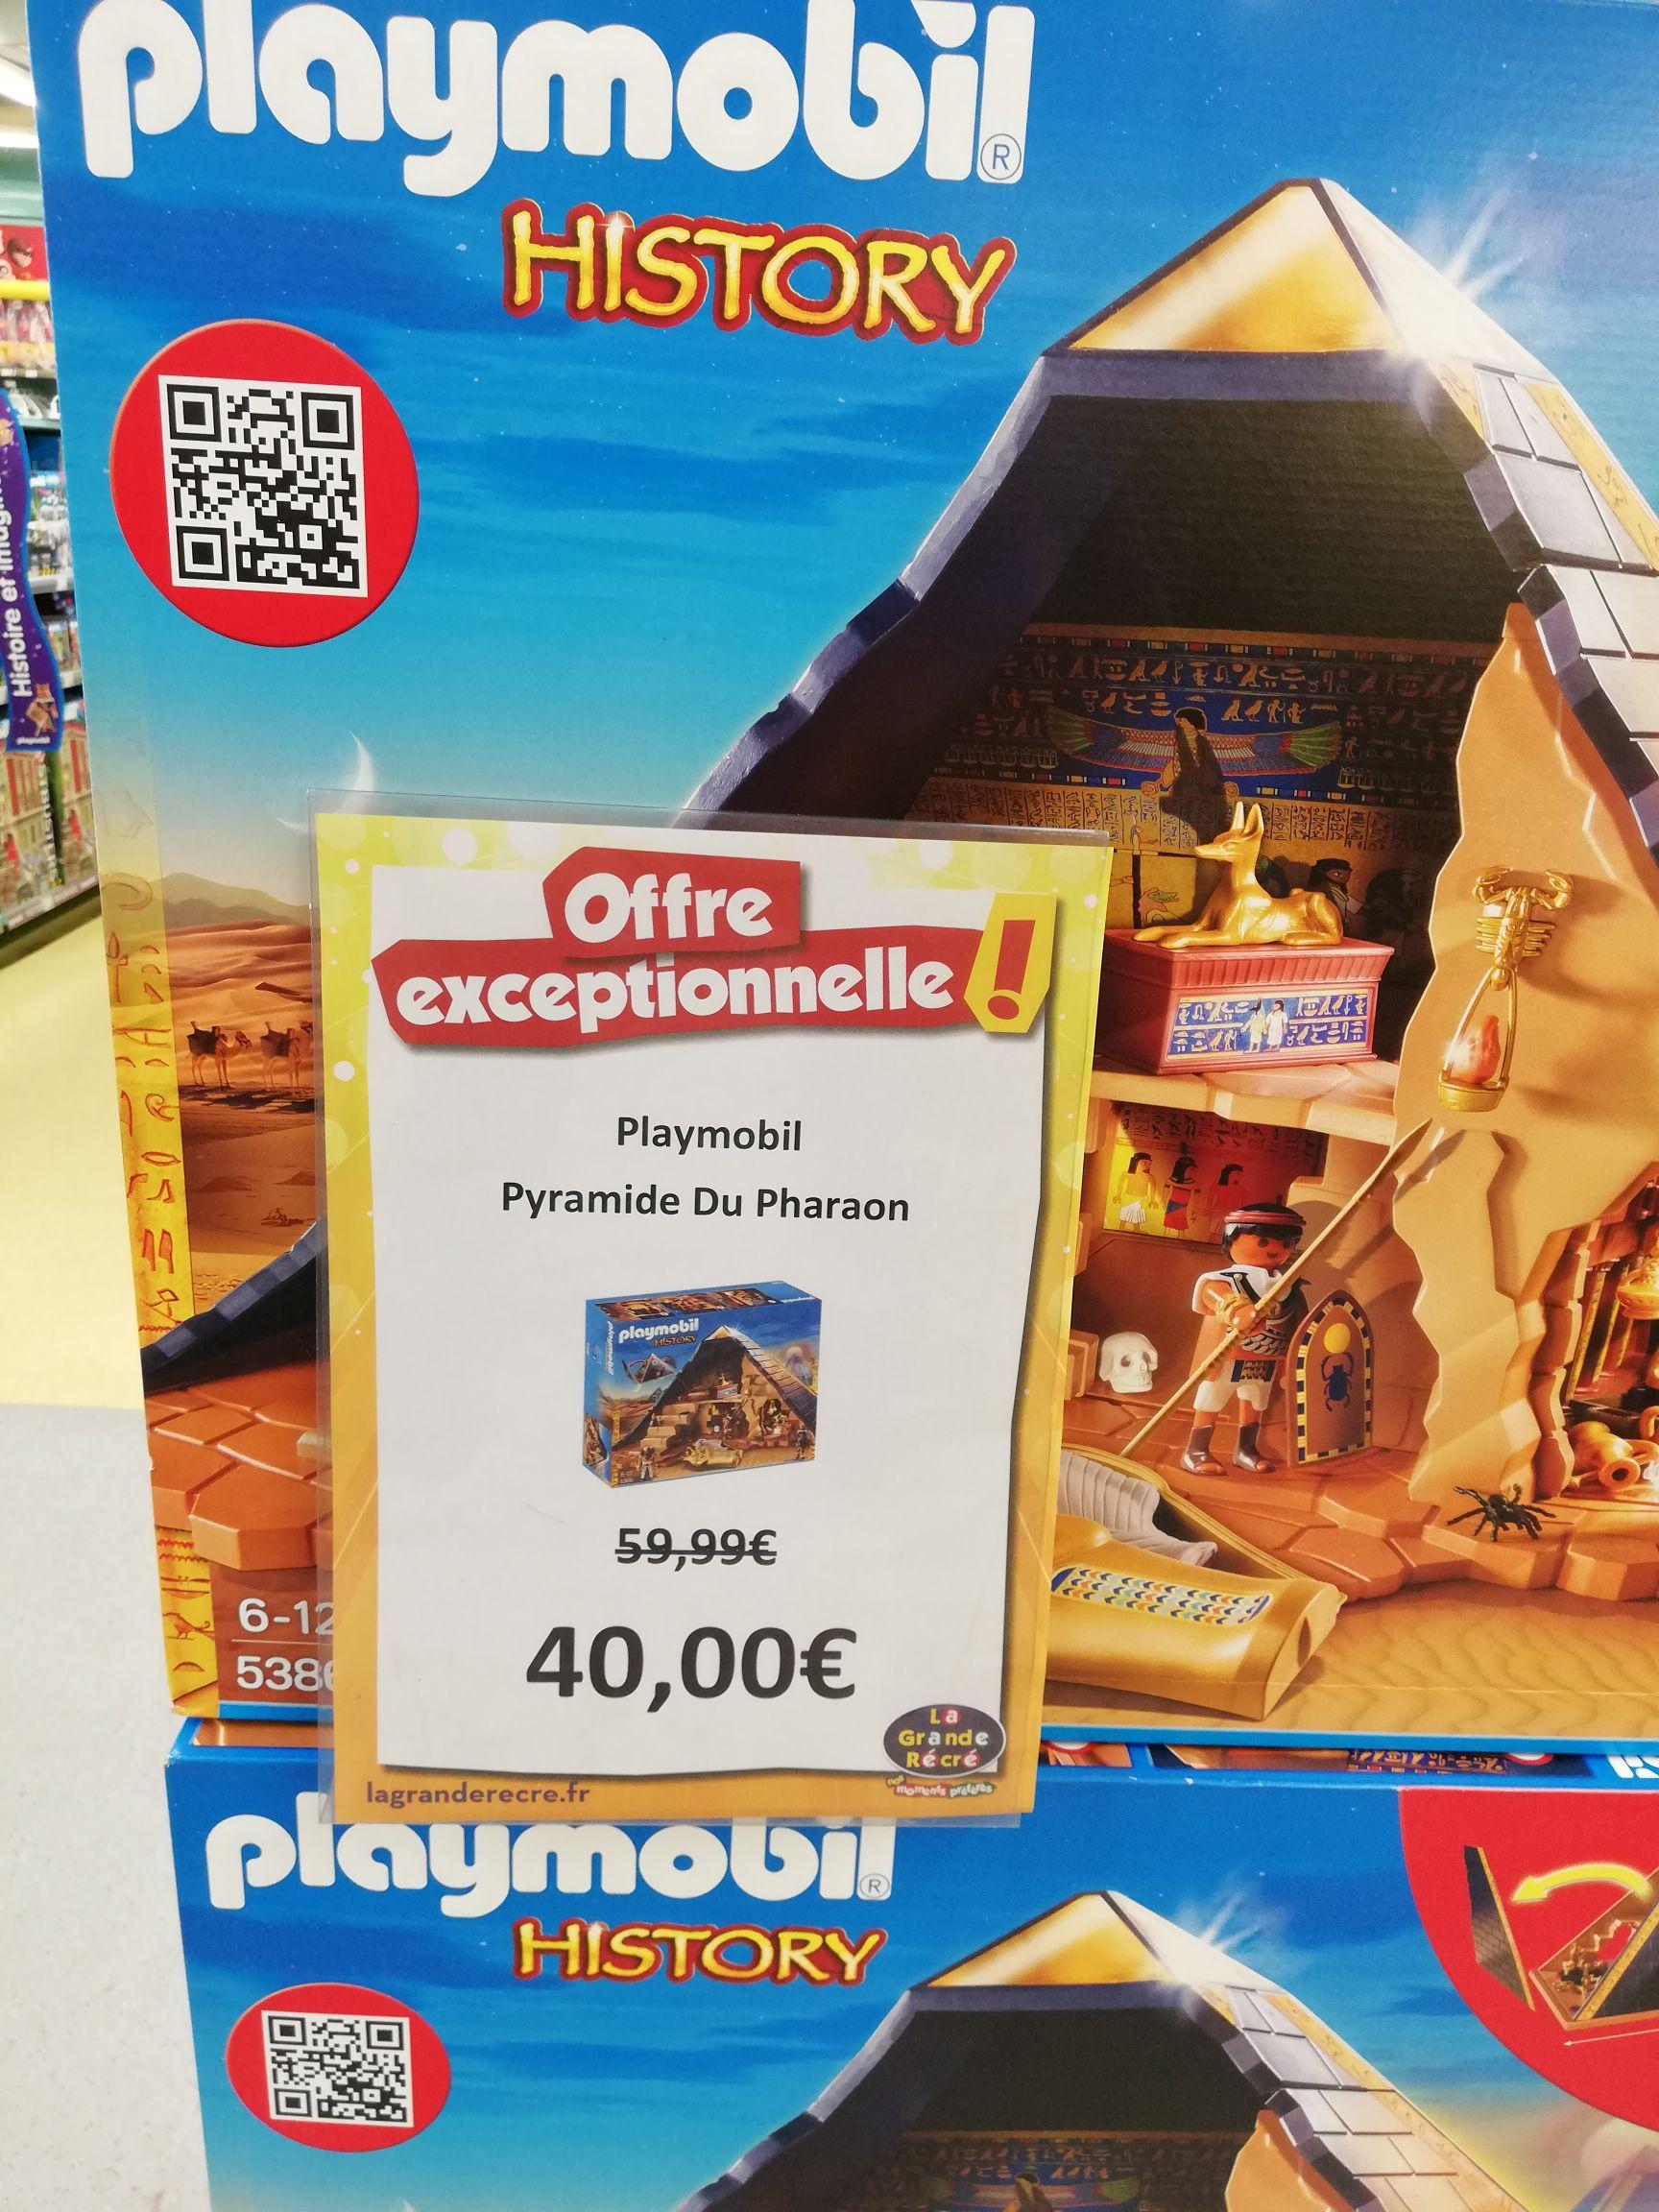 Jouet Playmobil Histoire Pyramide du pharaon n°5386  - La Grande Récré Rosny 2 (93)